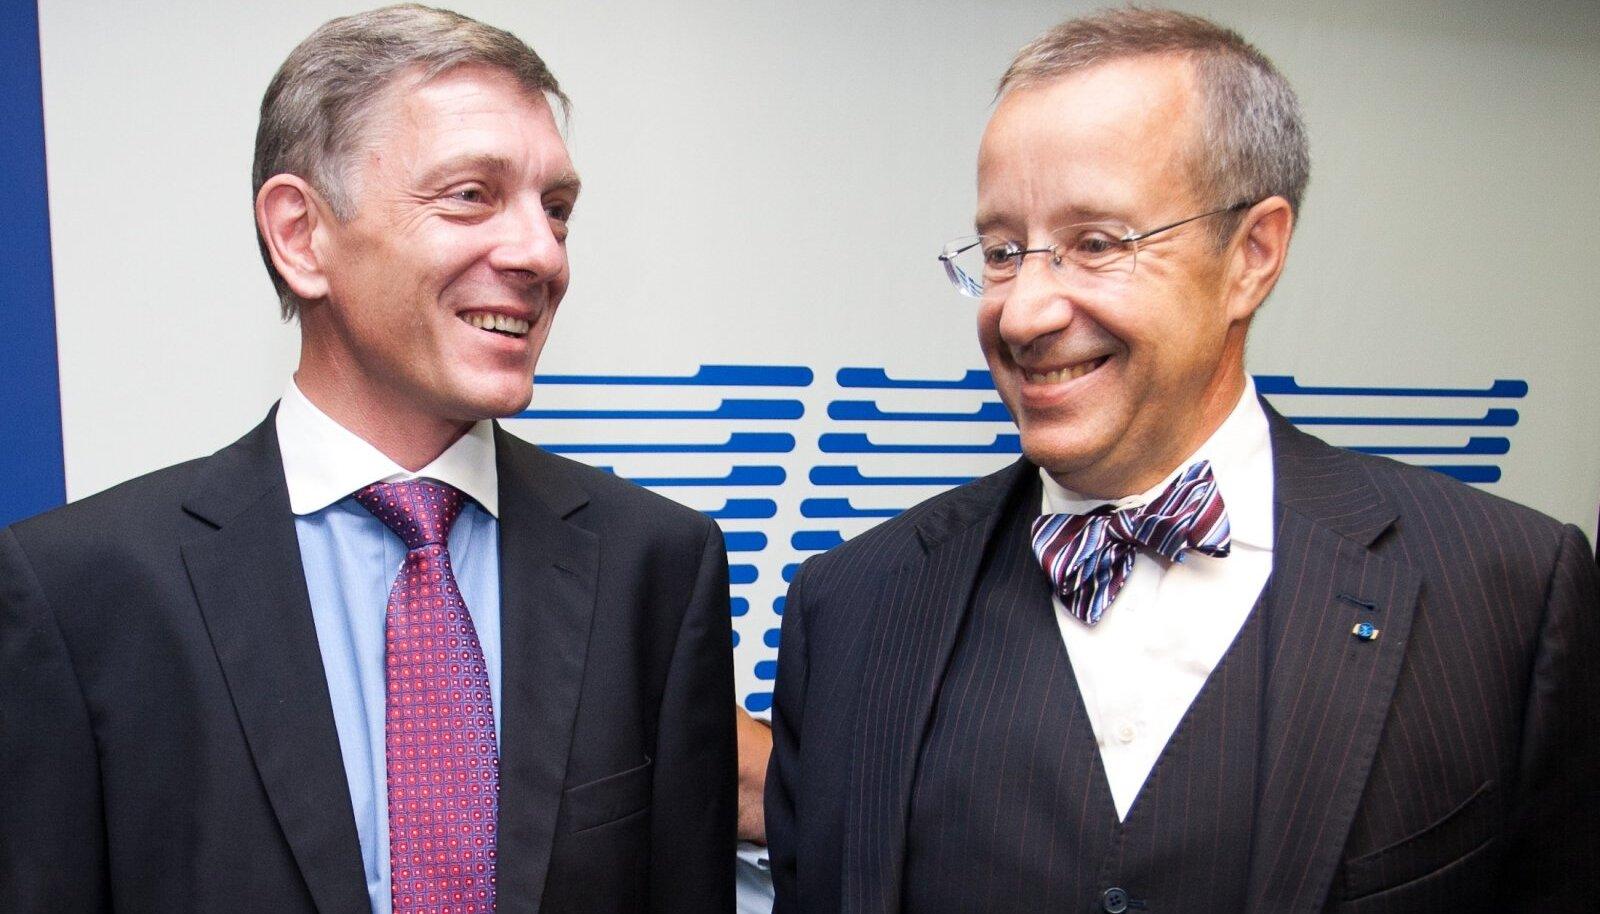 Indrek Tarand ja Toomas-Hendrik Ilves kümne aasta eest presidendiks kandideerimas